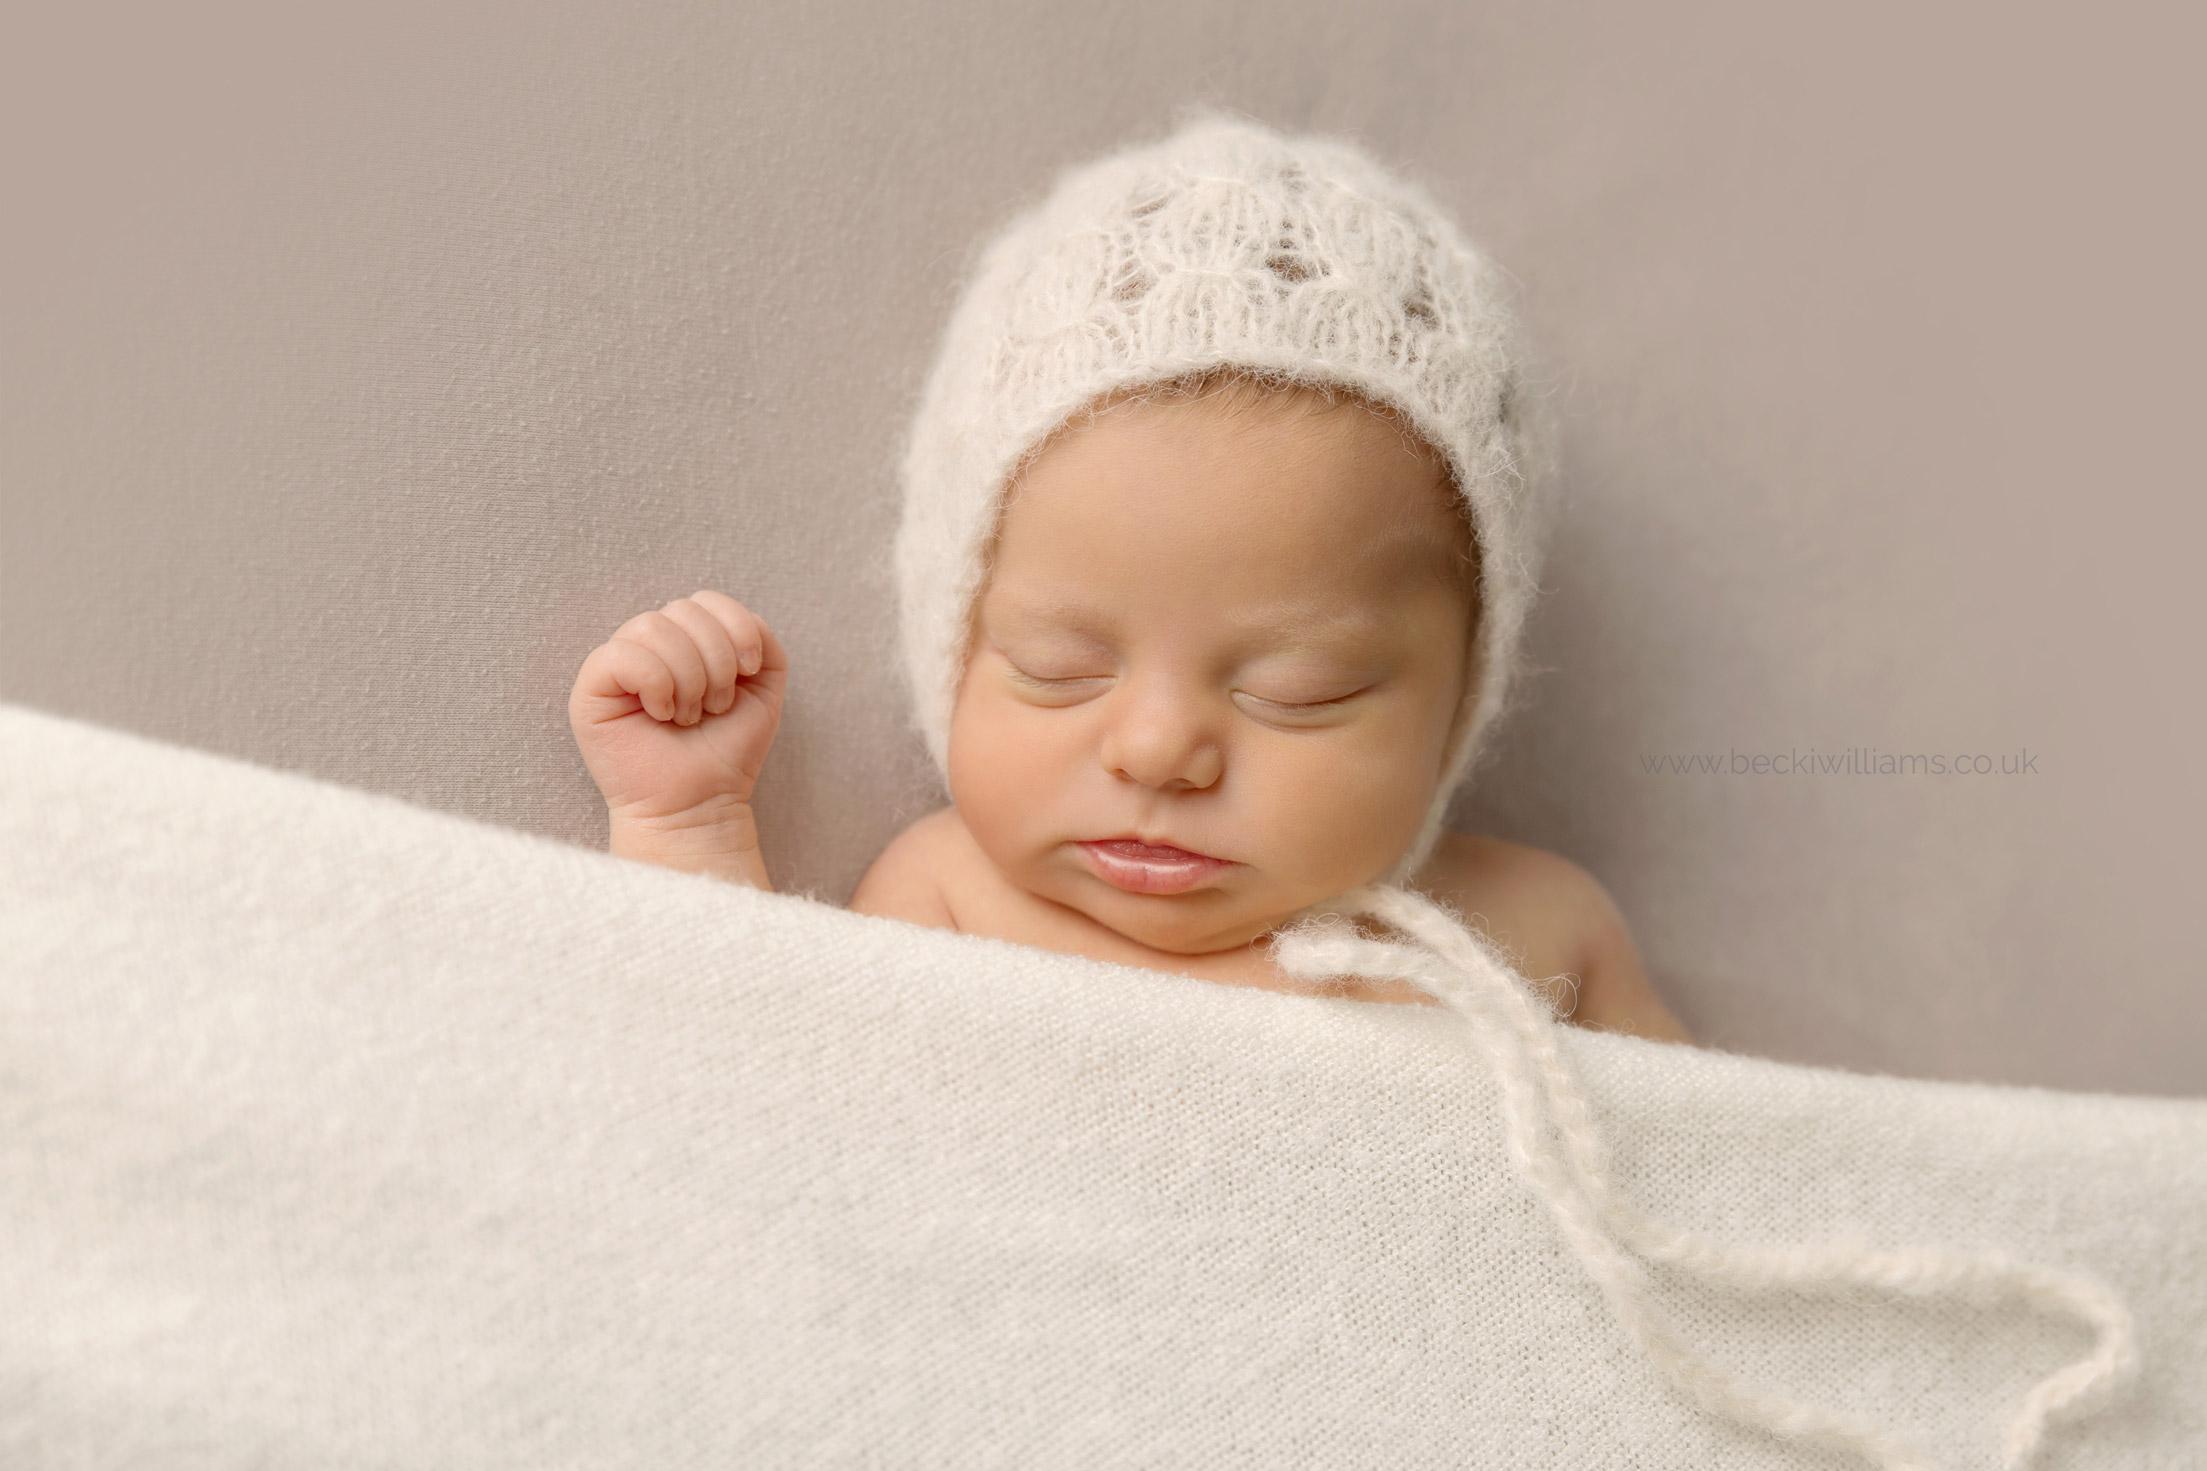 newborn girl asleep under a cream blanket wearing a cream bonnet